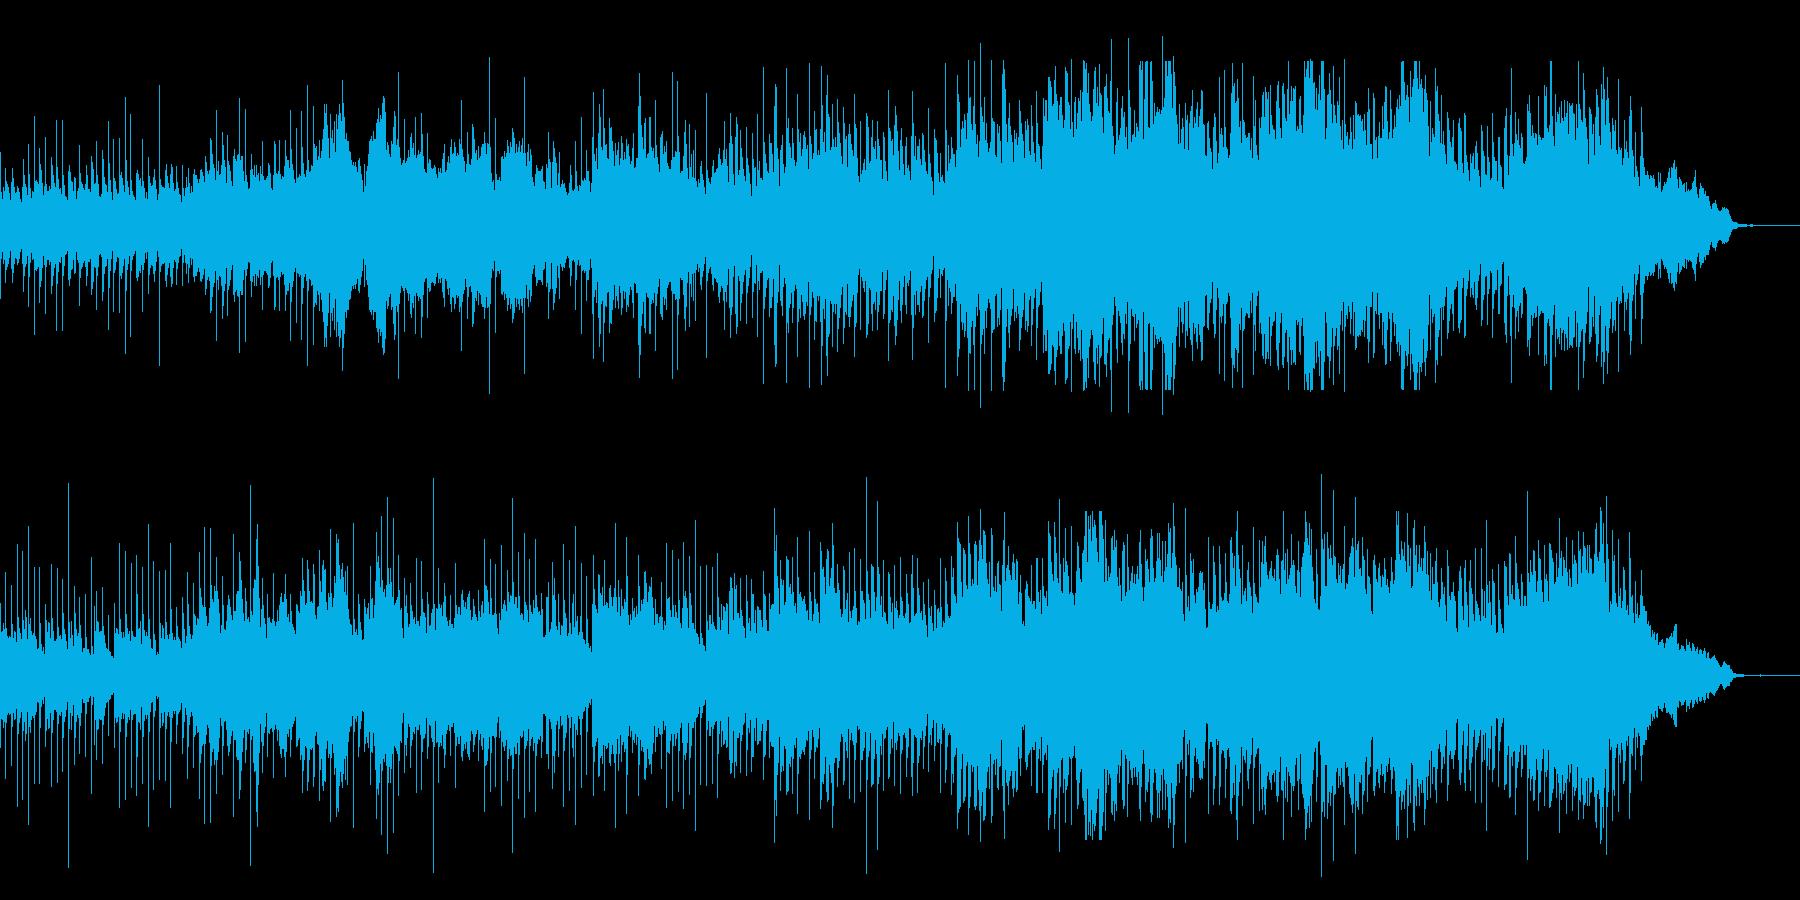 堅い決意をもって前に進むイメージの曲の再生済みの波形